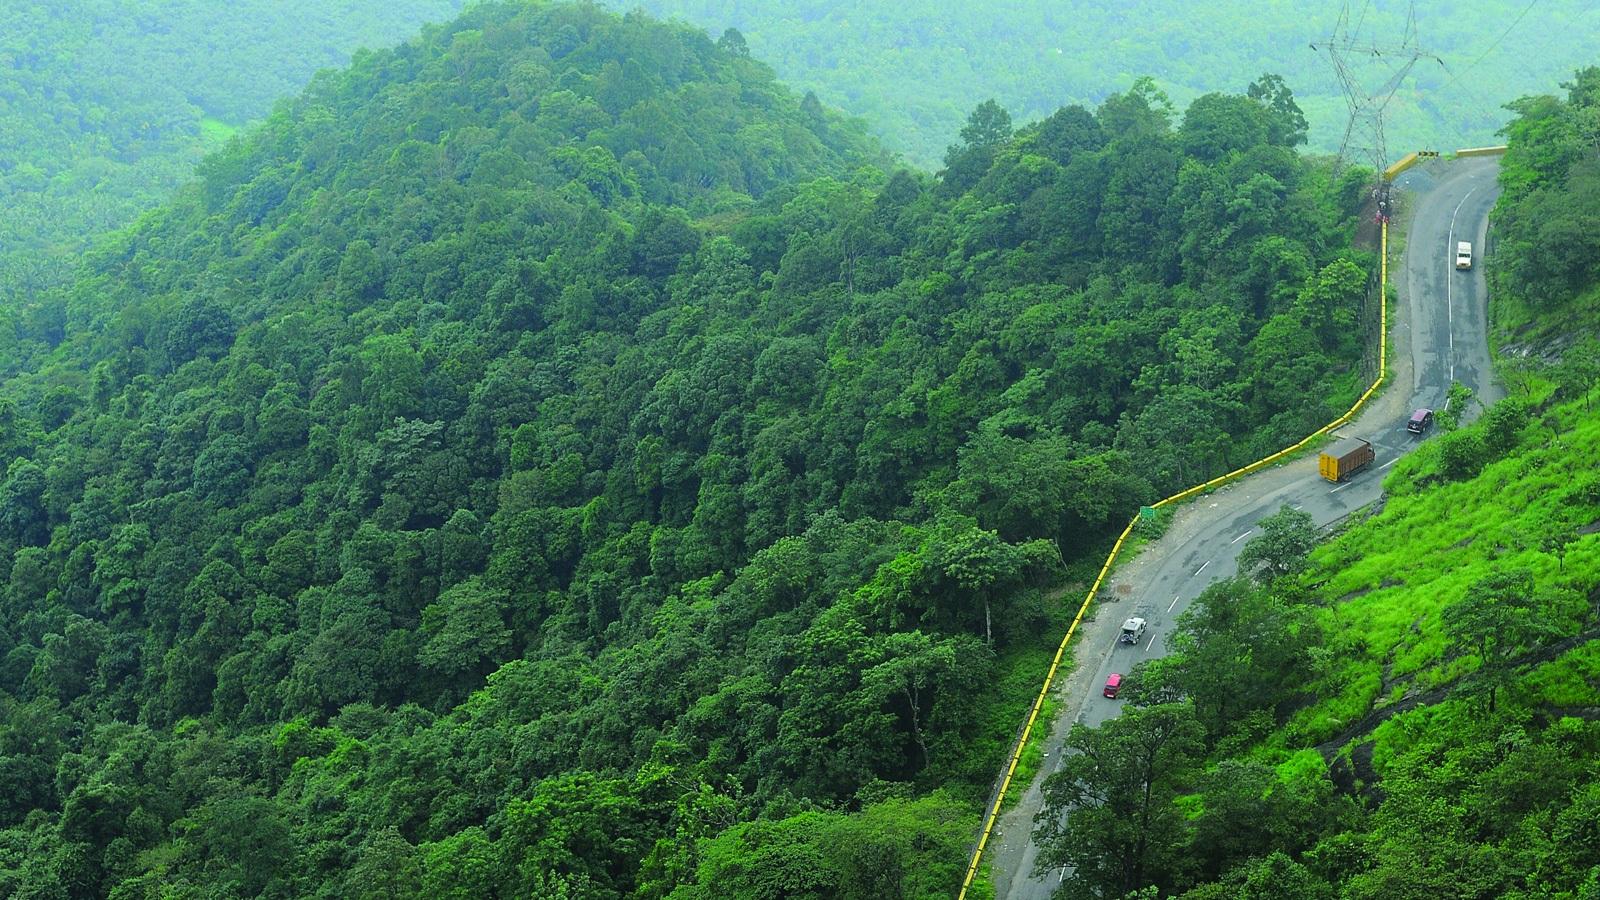 वायनाड- 'कंट्री ऑफ गॉड्स' कहा जाने वाला वायनाड स्प्रिंग सीजन में ओर भी खूबसूरत दिखाई देता है. अपनी वाइल्ड लाइफ के लिए भी मशहूर इस जगहें पर वंसत ऋतु में चारों तरफ हरियाली ही हरियाली दिखाई देती है.